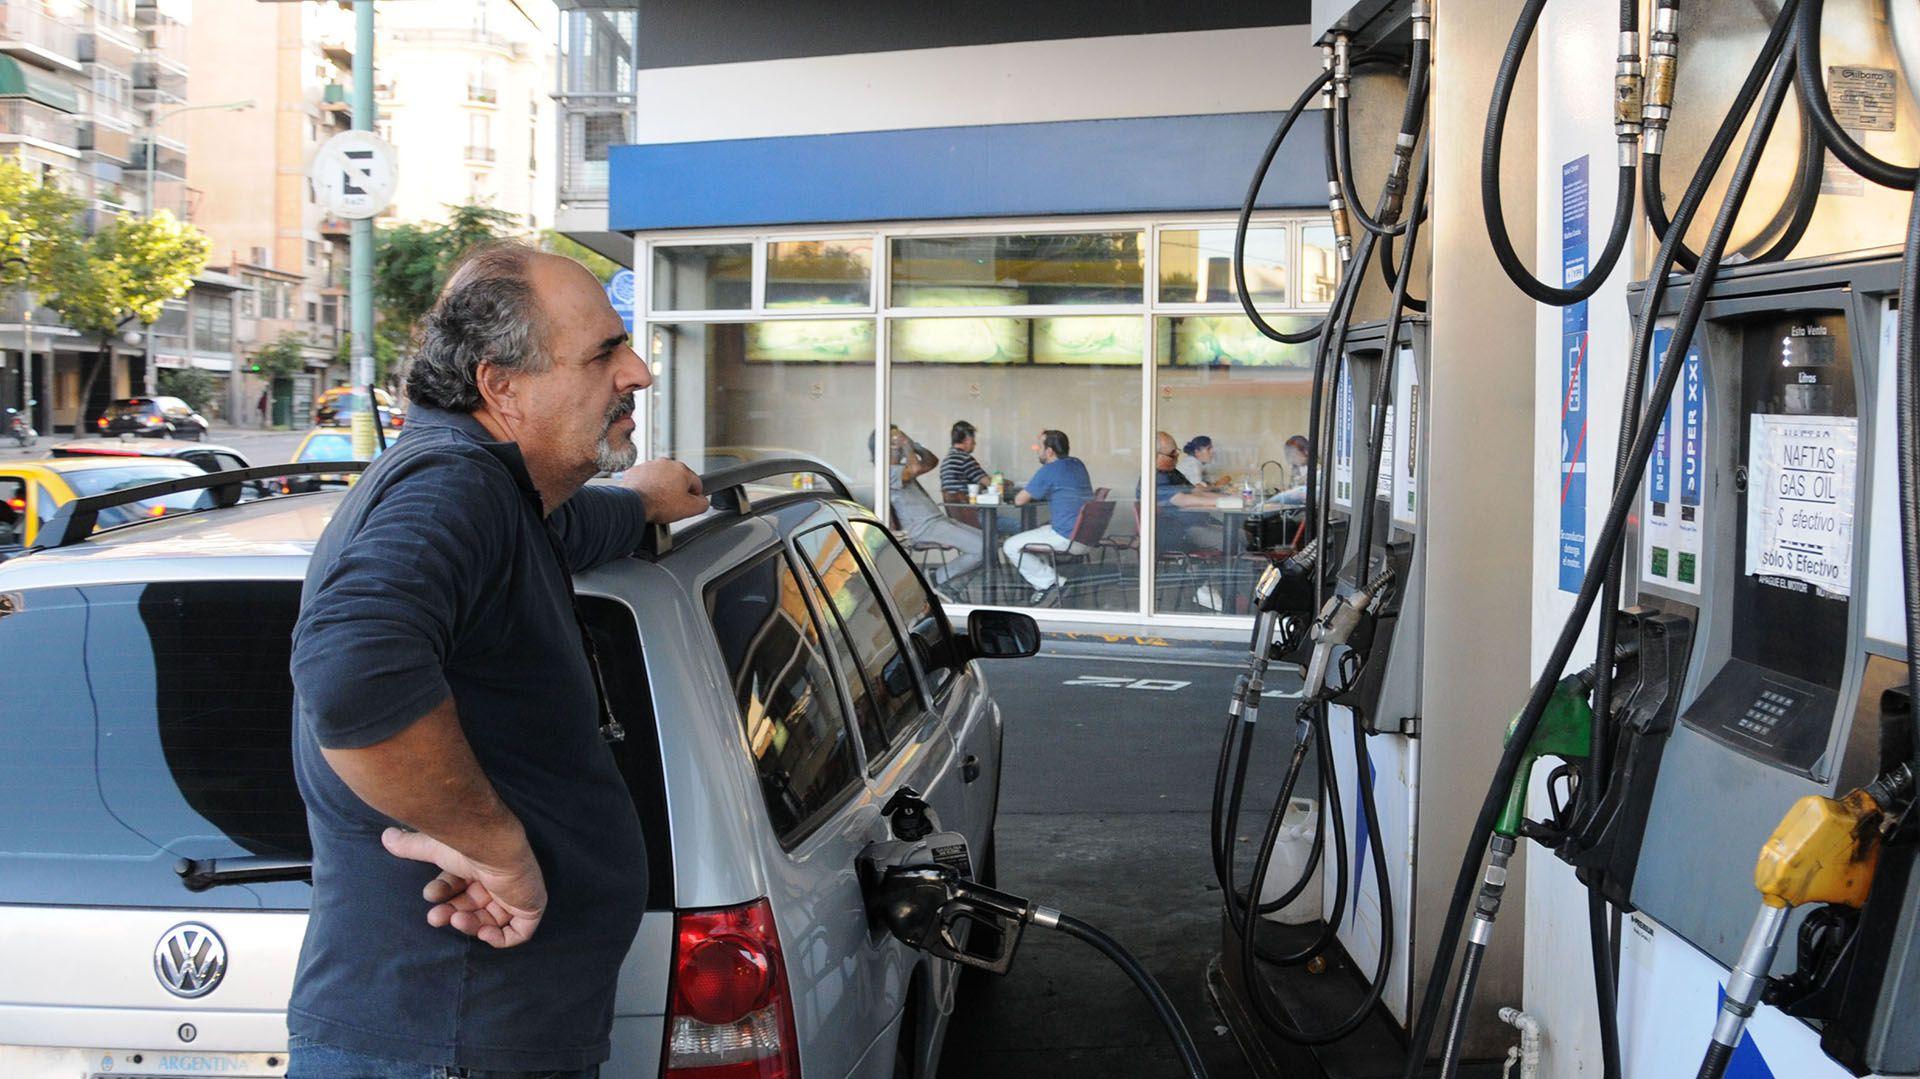 La intención del Gobierno es que cada estacionero decida si lo implementa o no, sin ser obligatorio (foto de archivo)